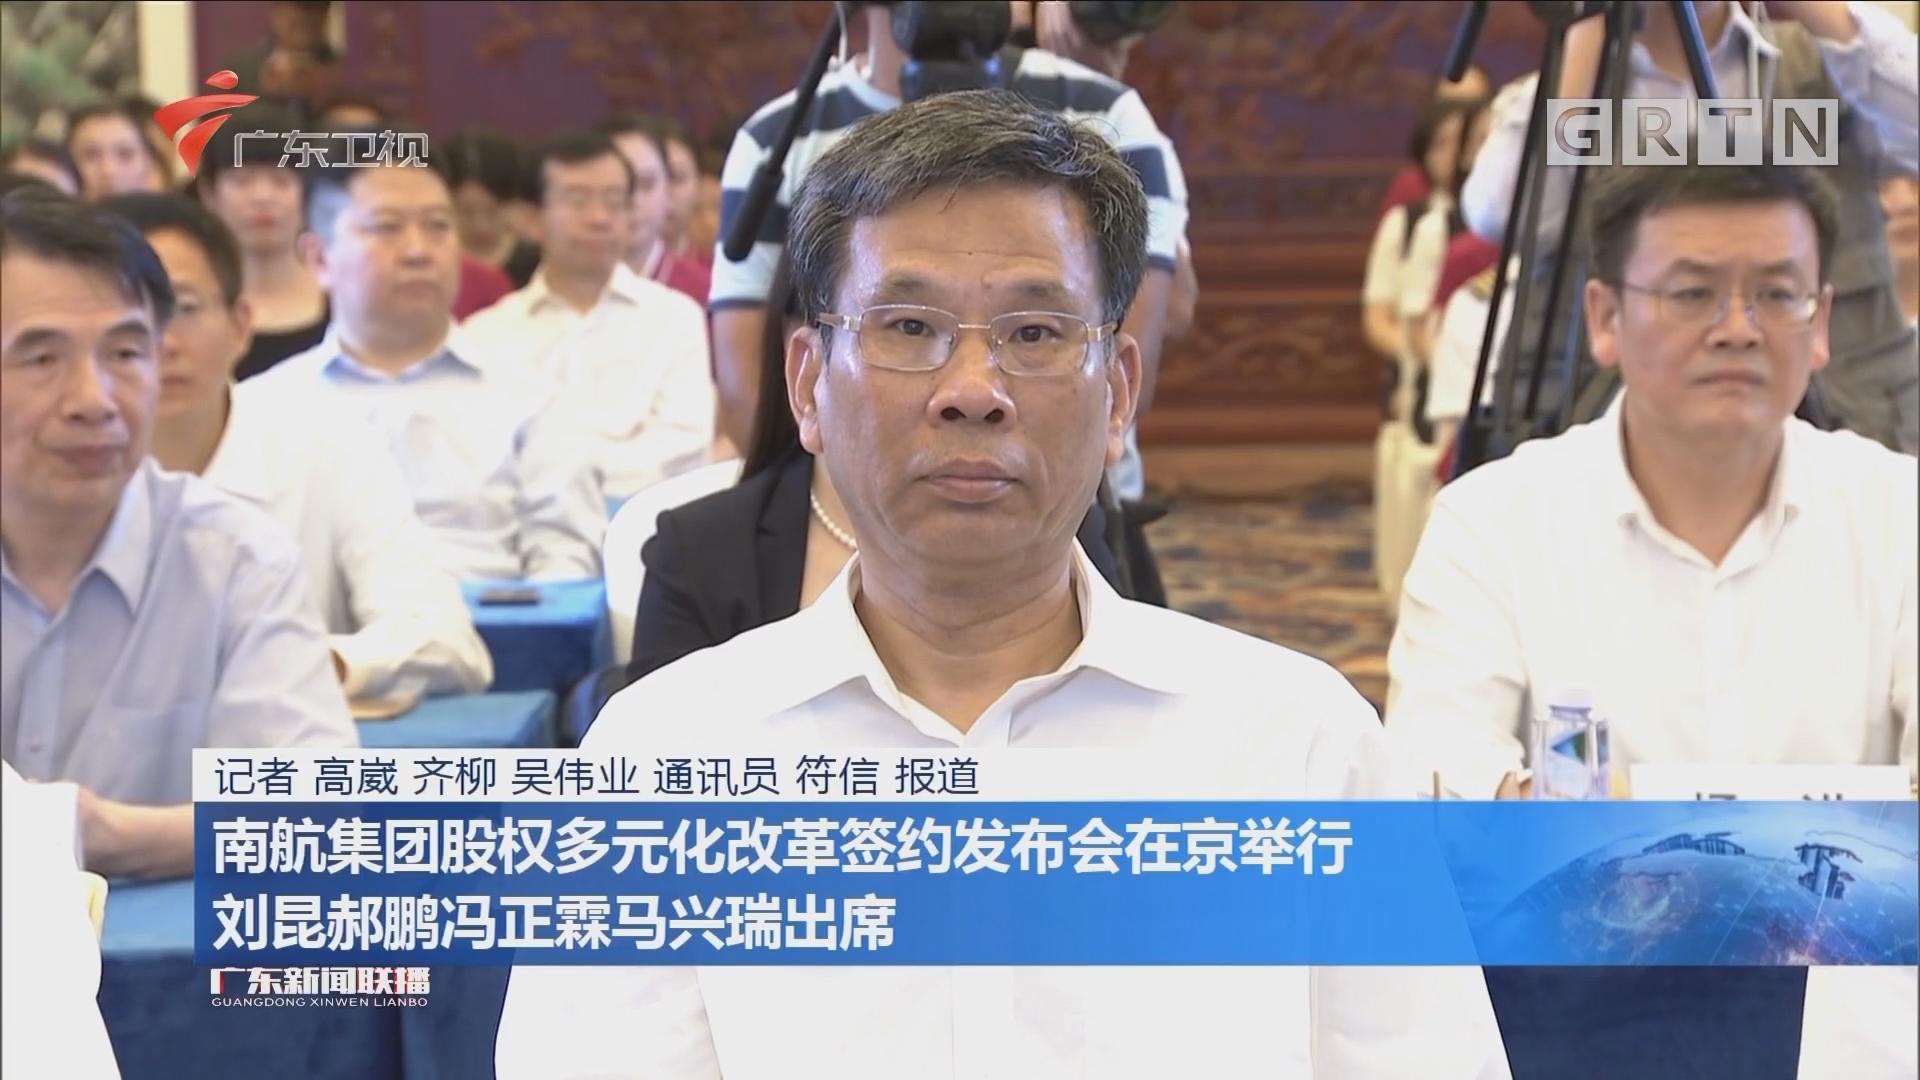 南航集團股權多元化改革簽約發布會在京舉行 劉昆郝鵬馮正霖馬興瑞出席